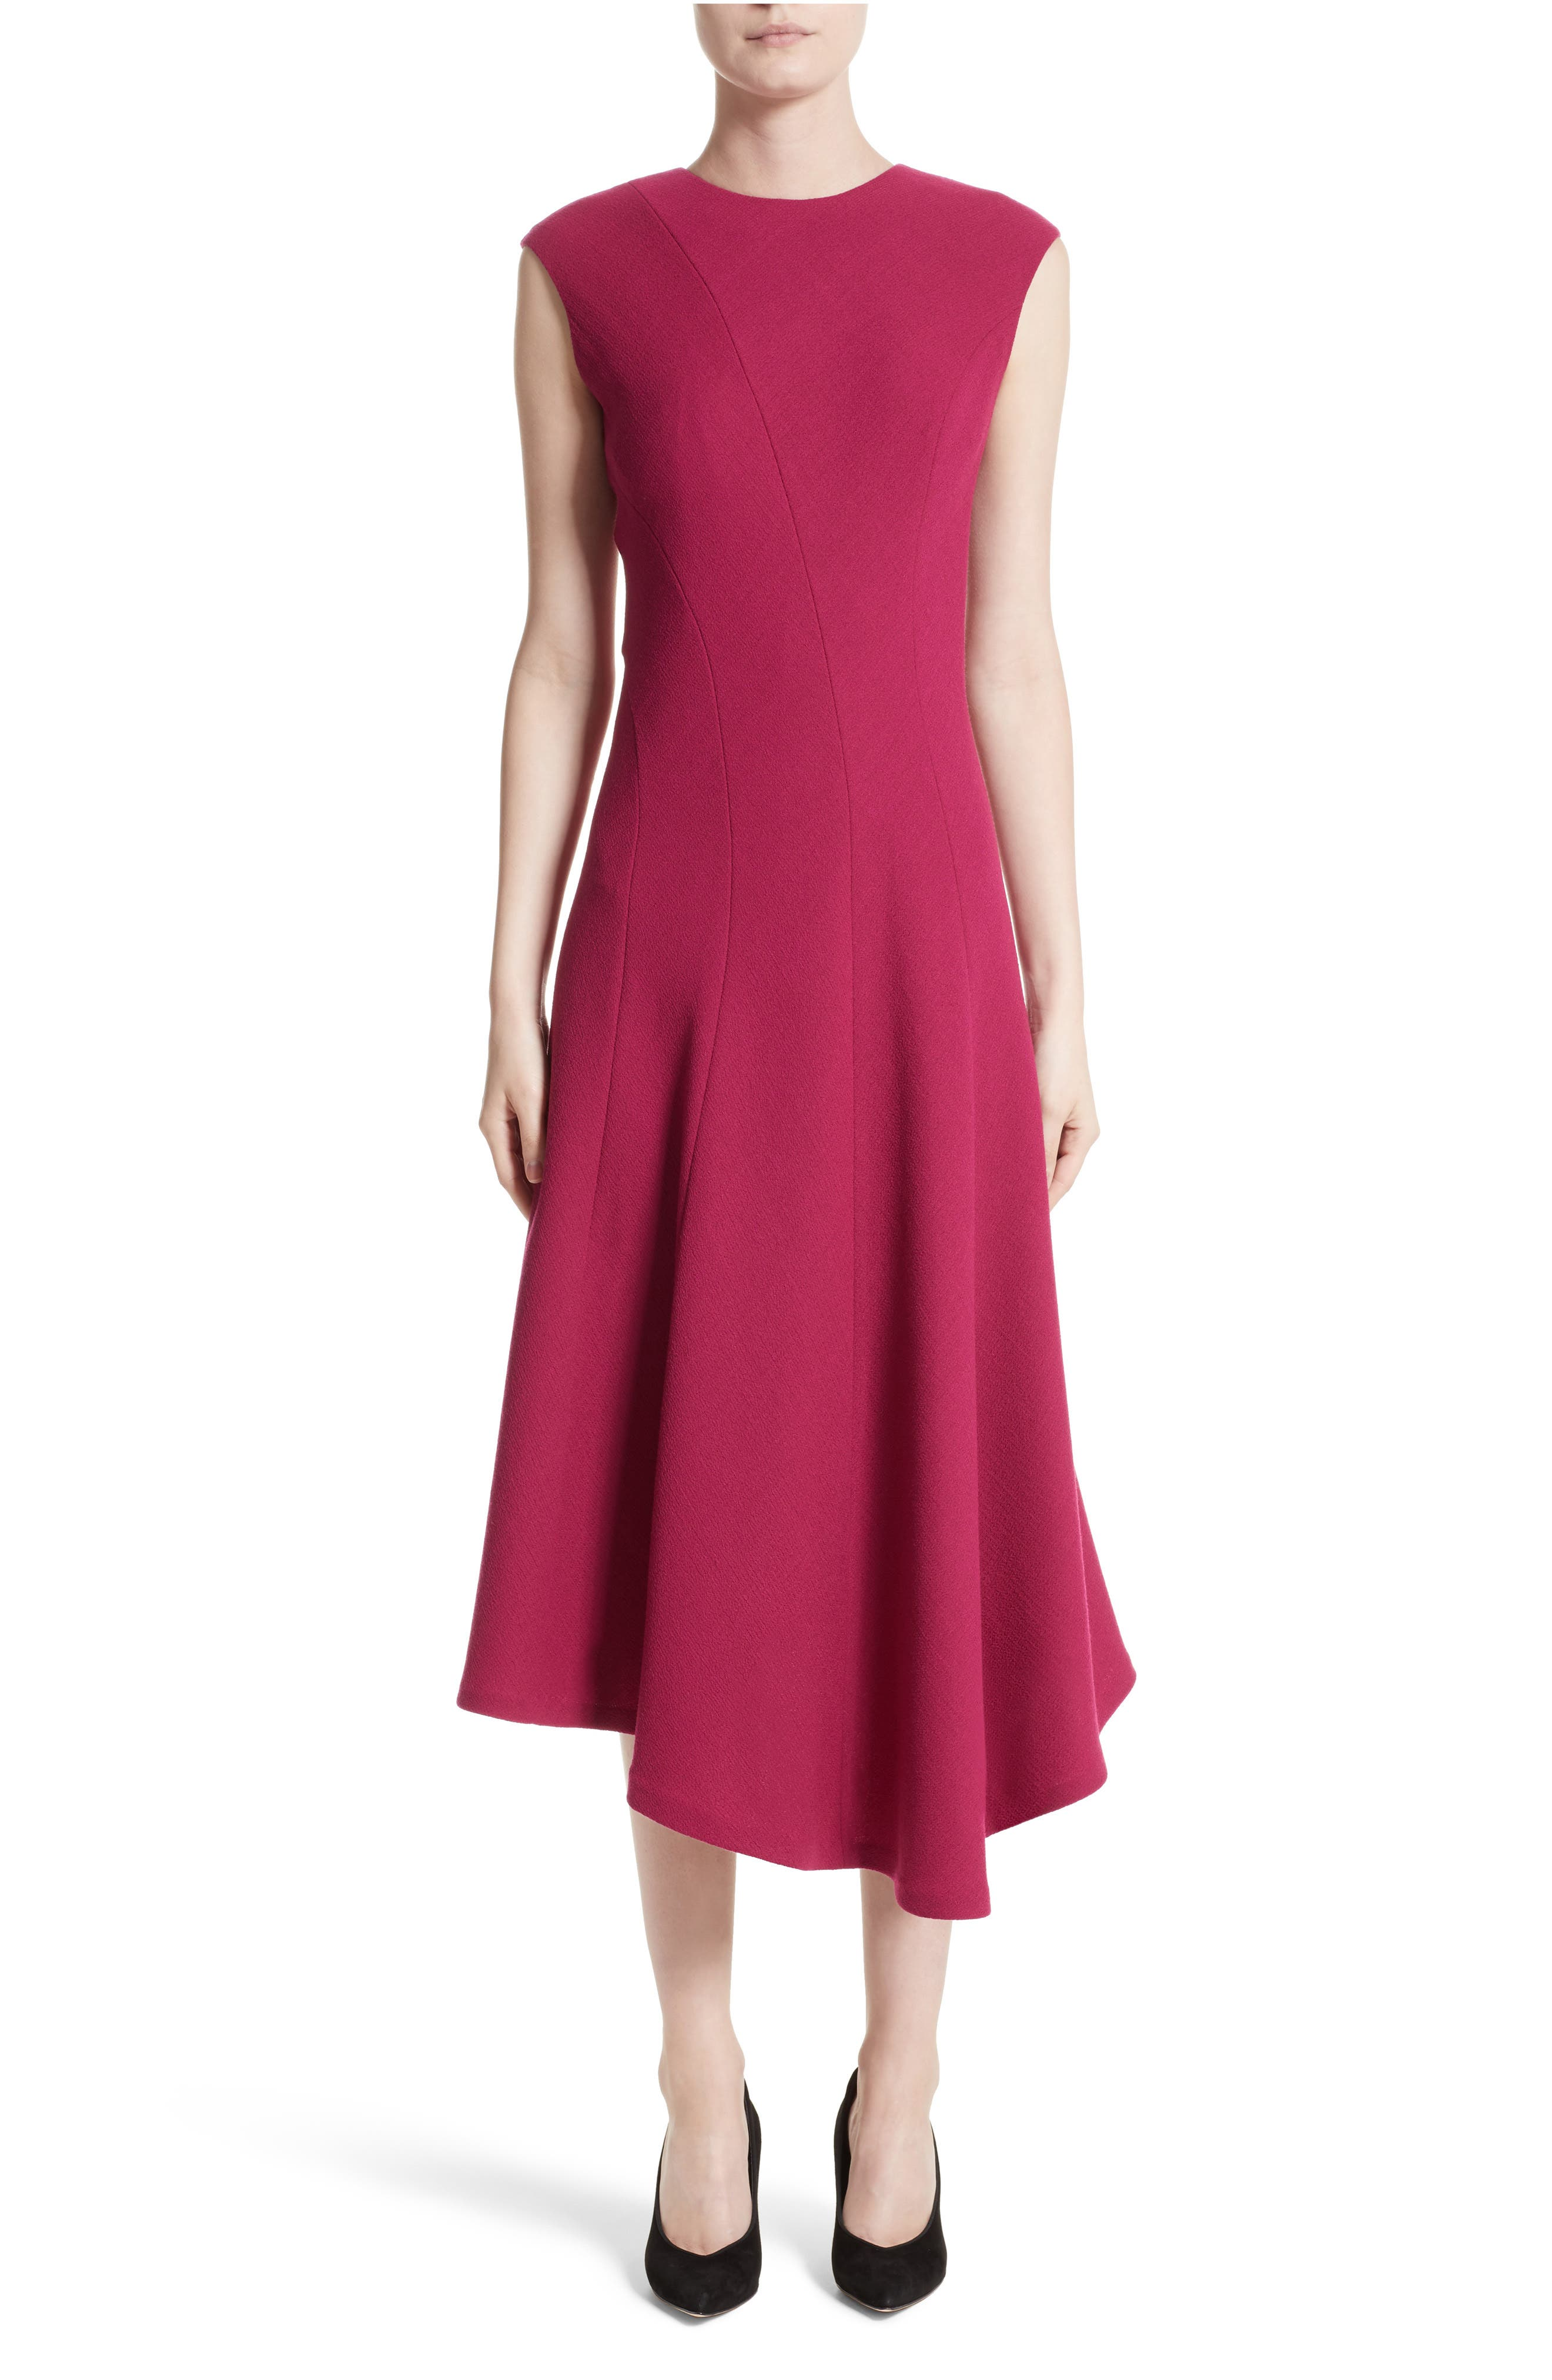 Main Image - Lafayette 148 New York Aveena Wool Interlock Dress